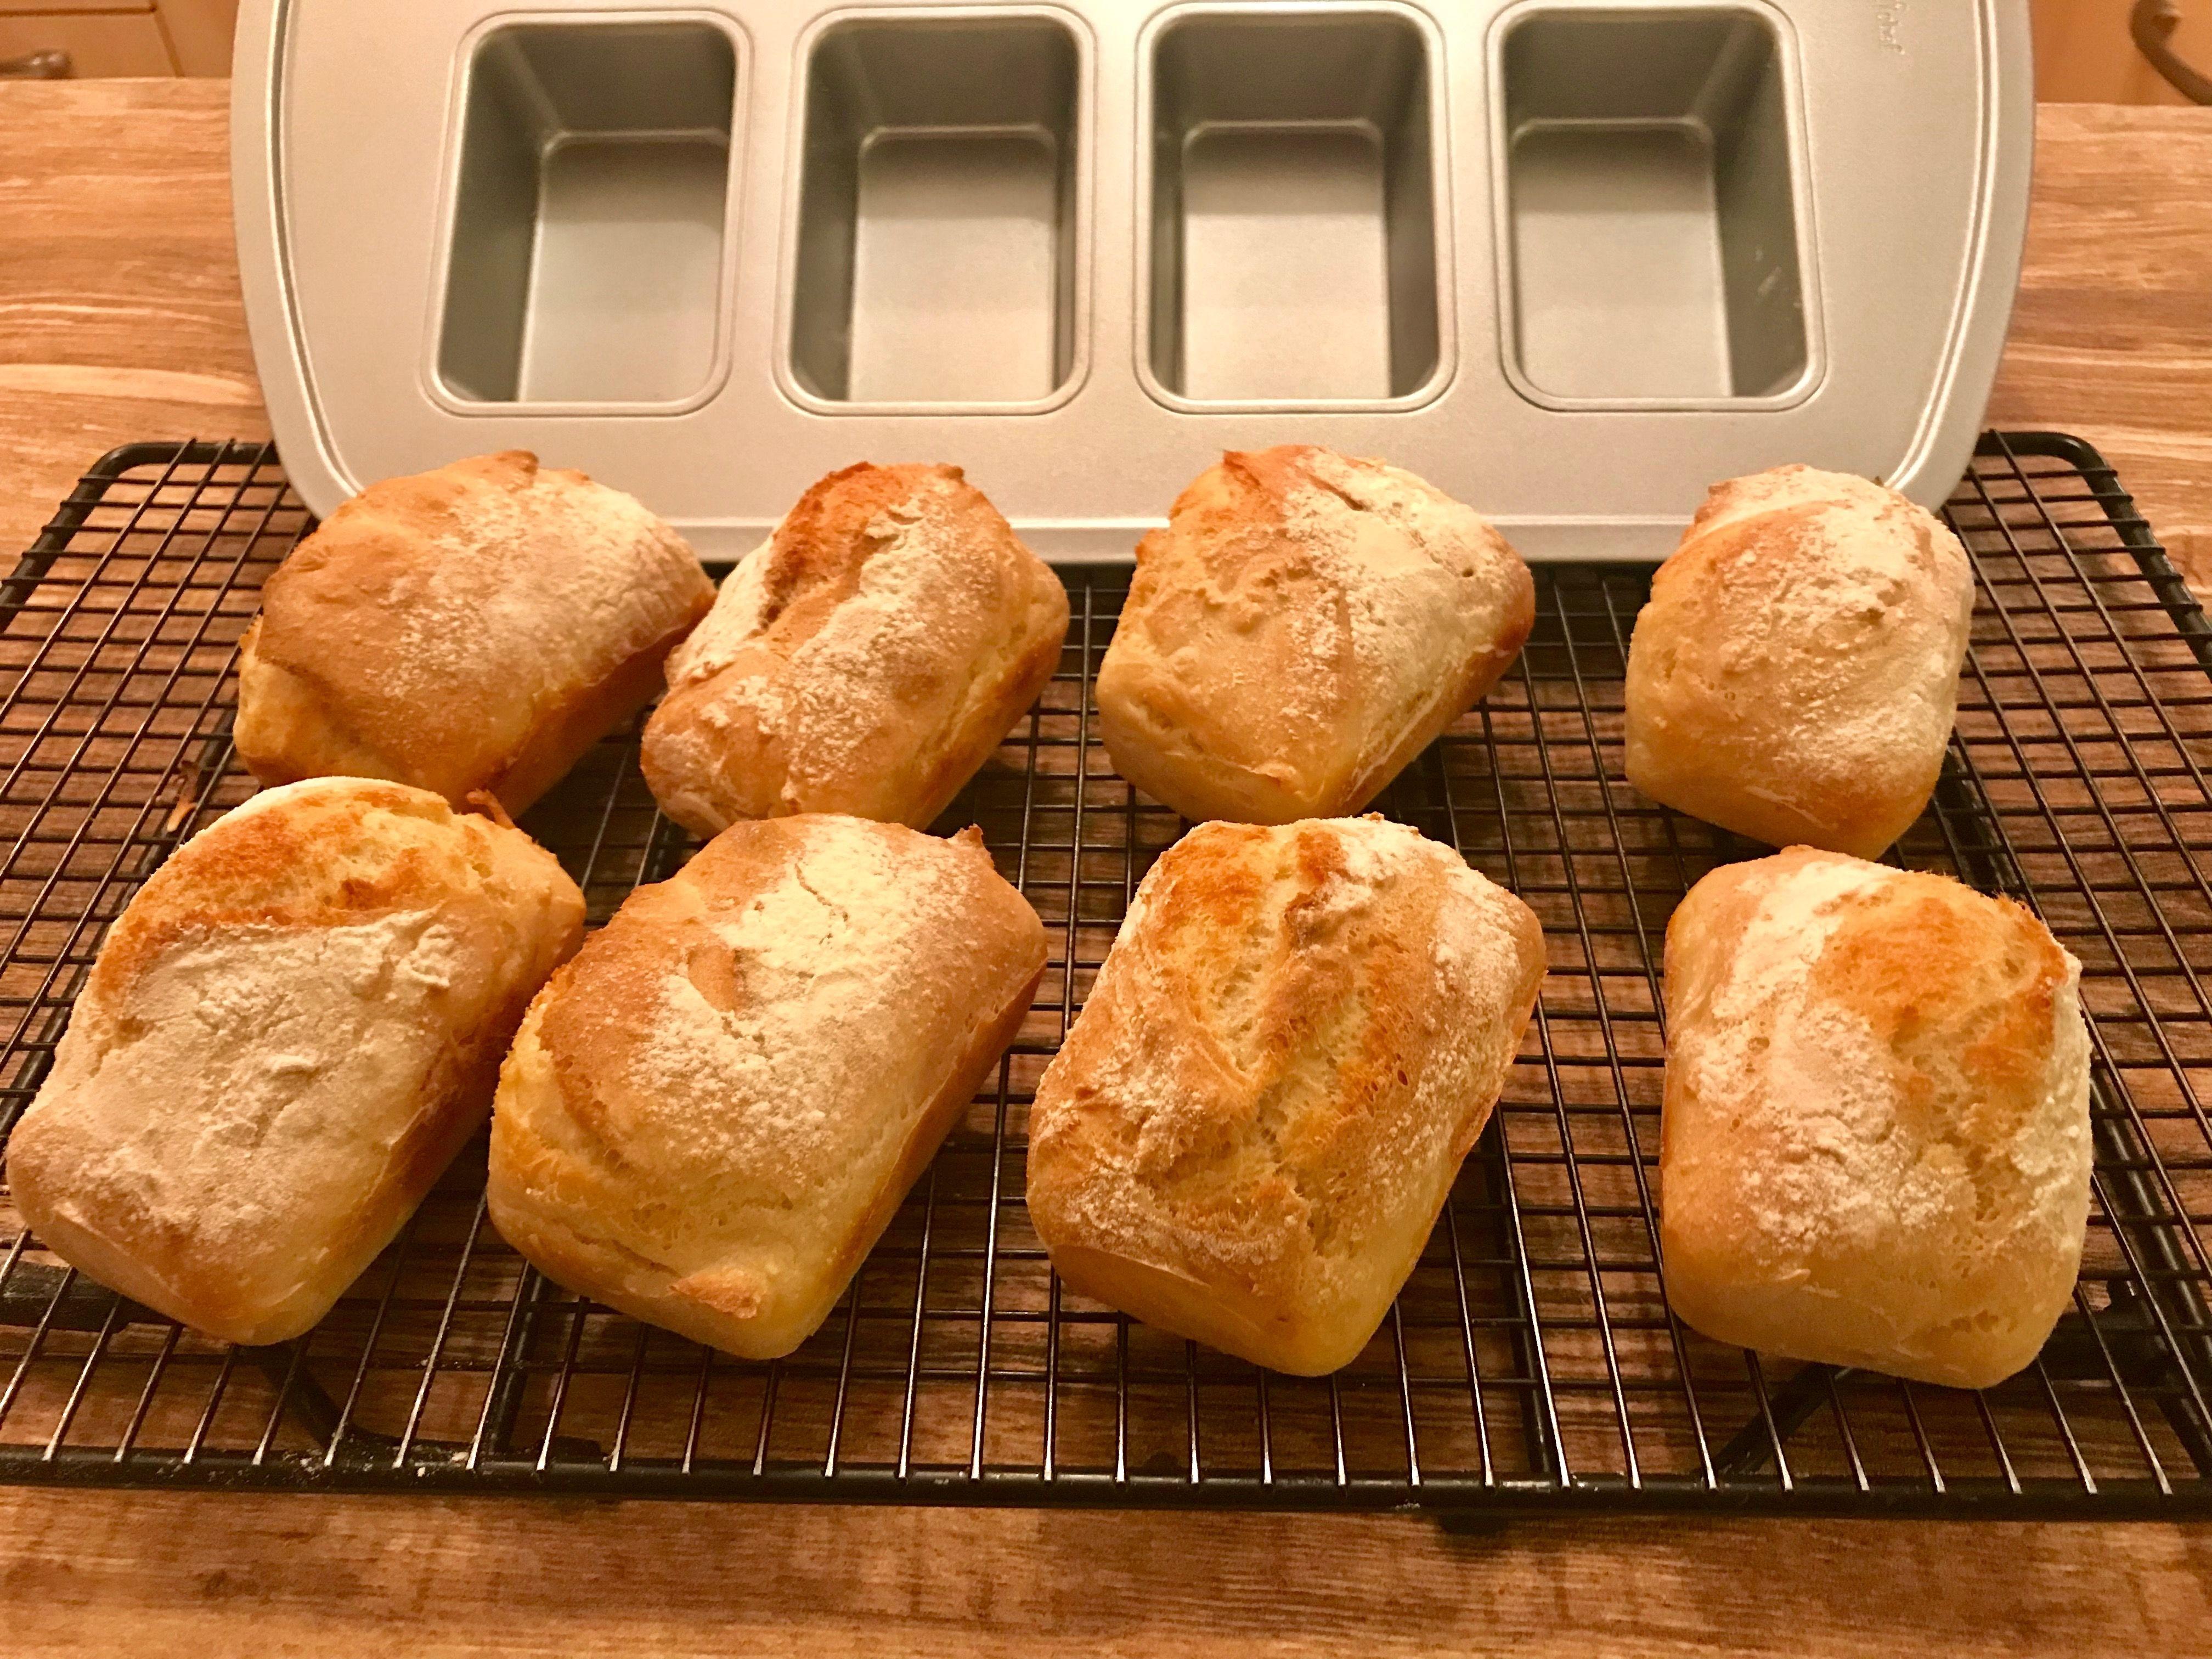 Baguette Brotchen Magique Aus Der Mini Kuchen Form Von Pampered Chef Brot Selber Backen Rezept Baguette Brotchen Rezepte